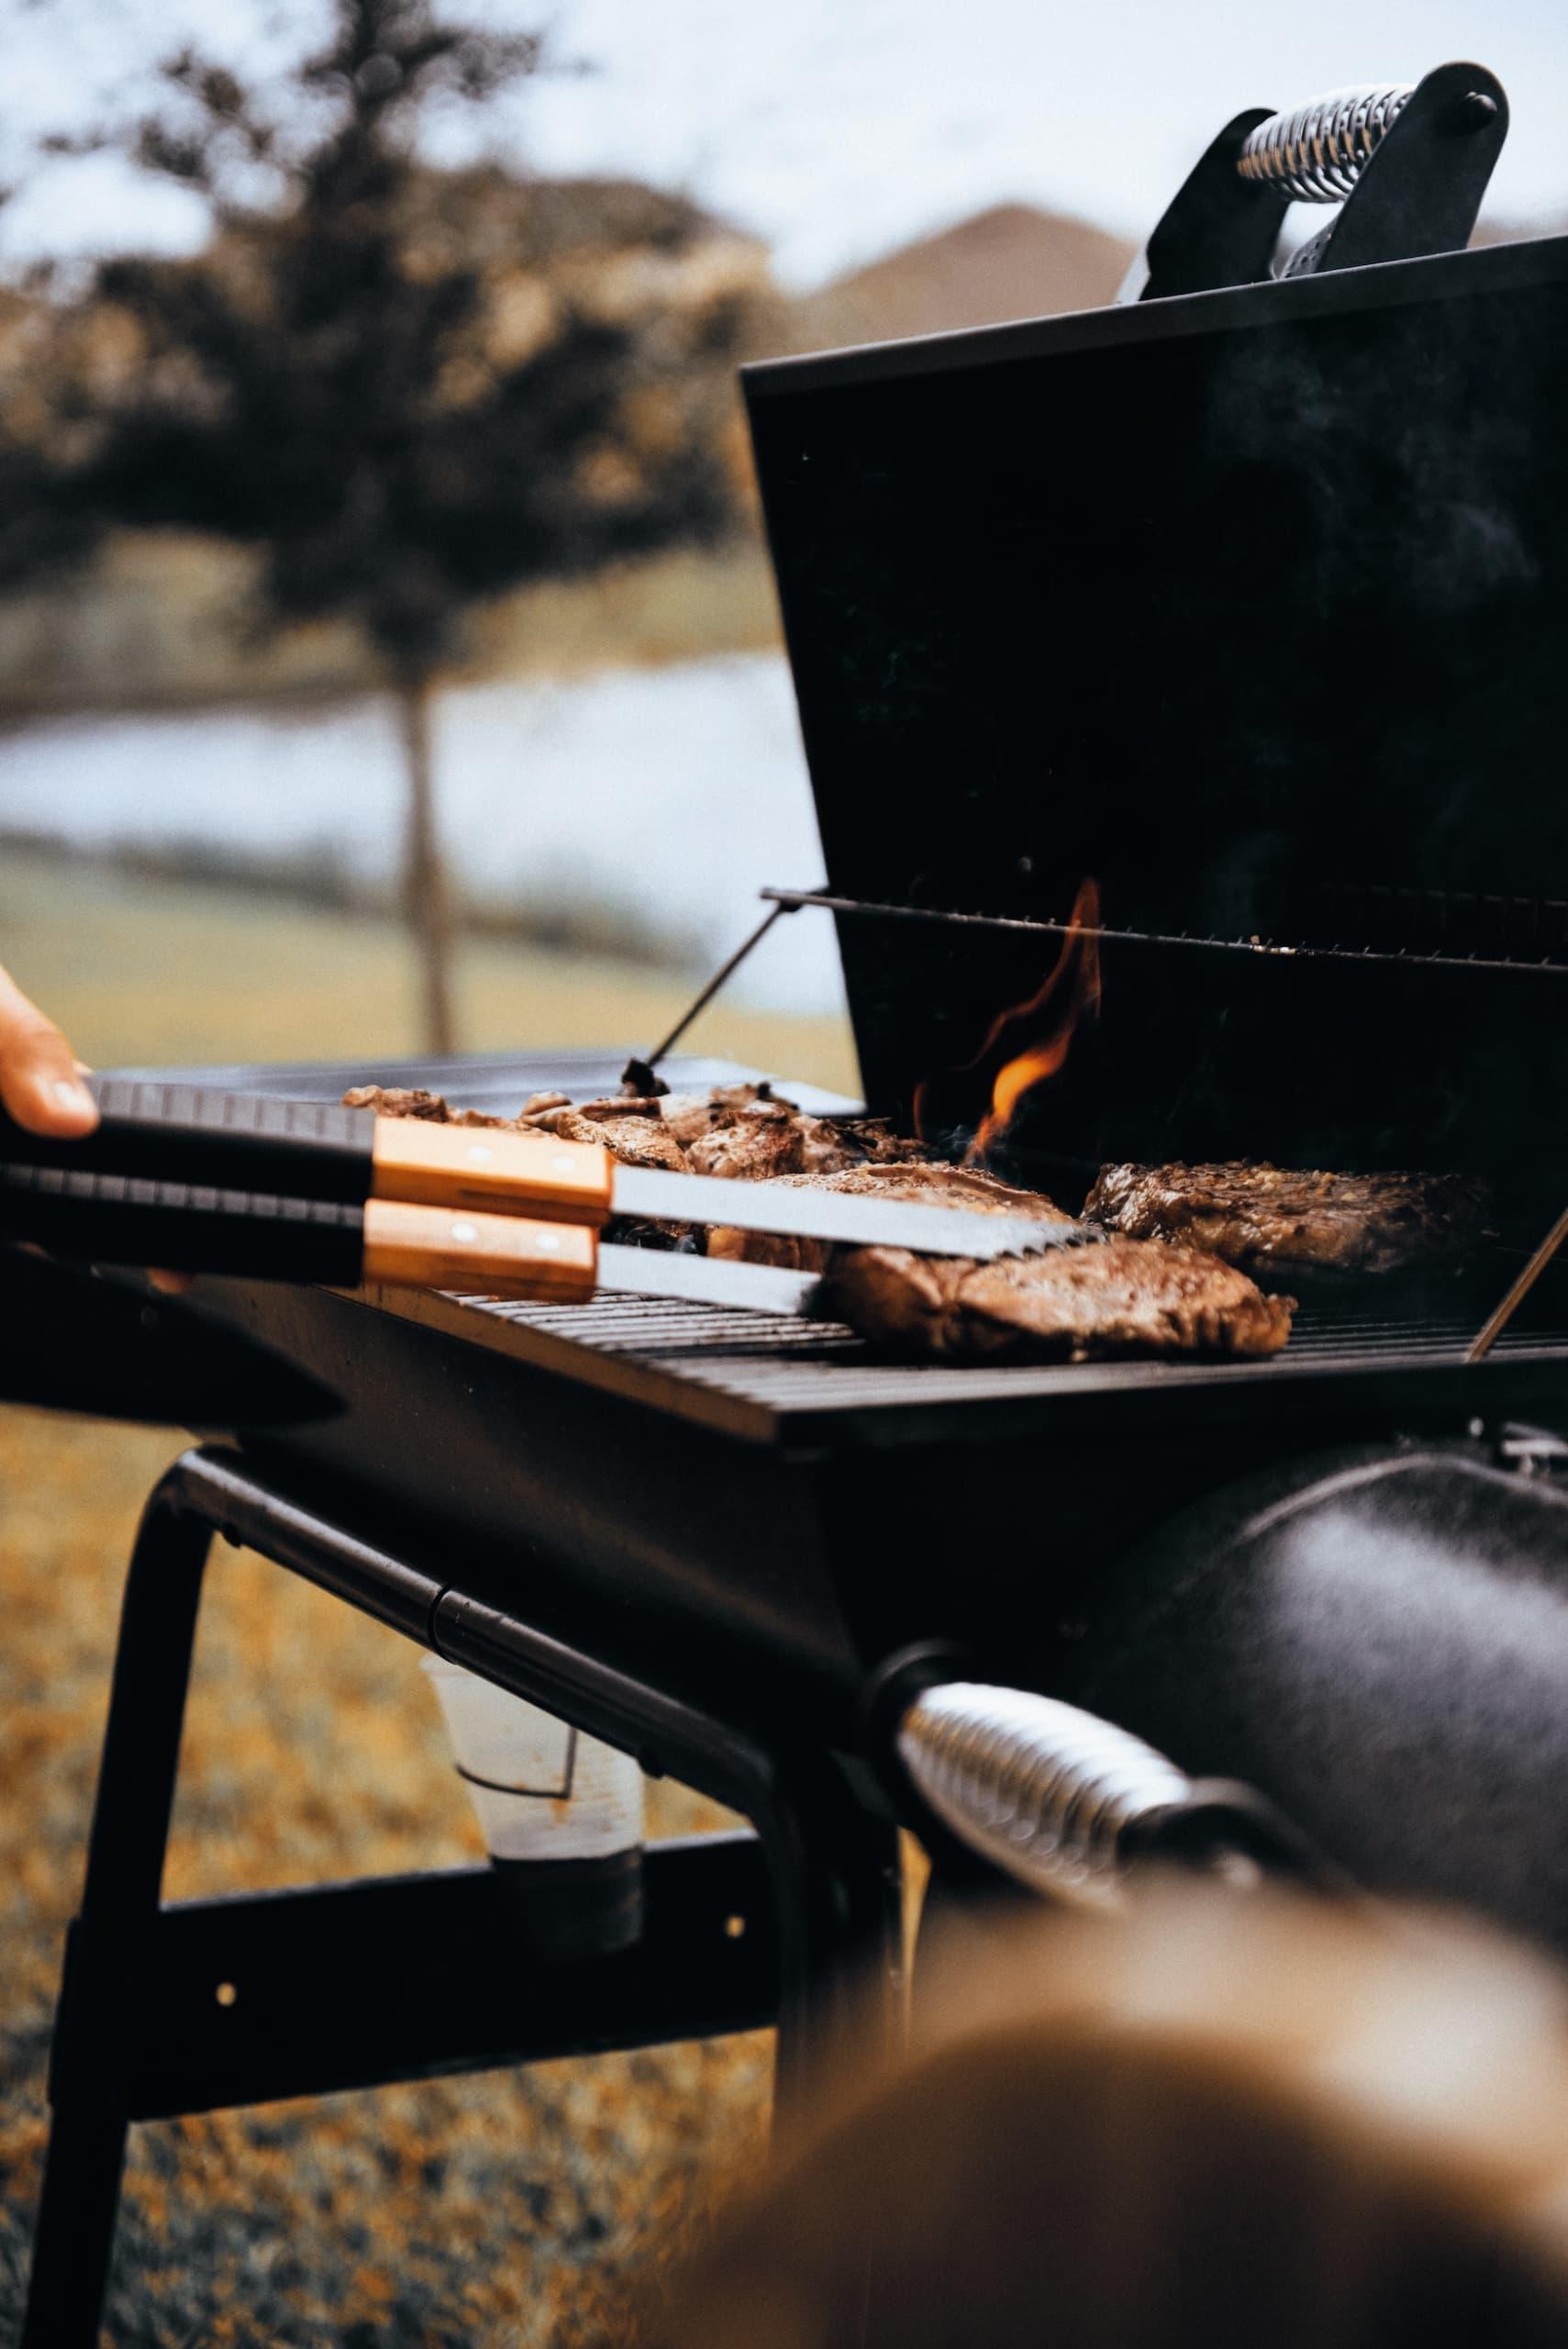 Andere Länder, andere Sitten: In Australien lädt man Bekannte und Nachbarn gern zum Barbecue ein